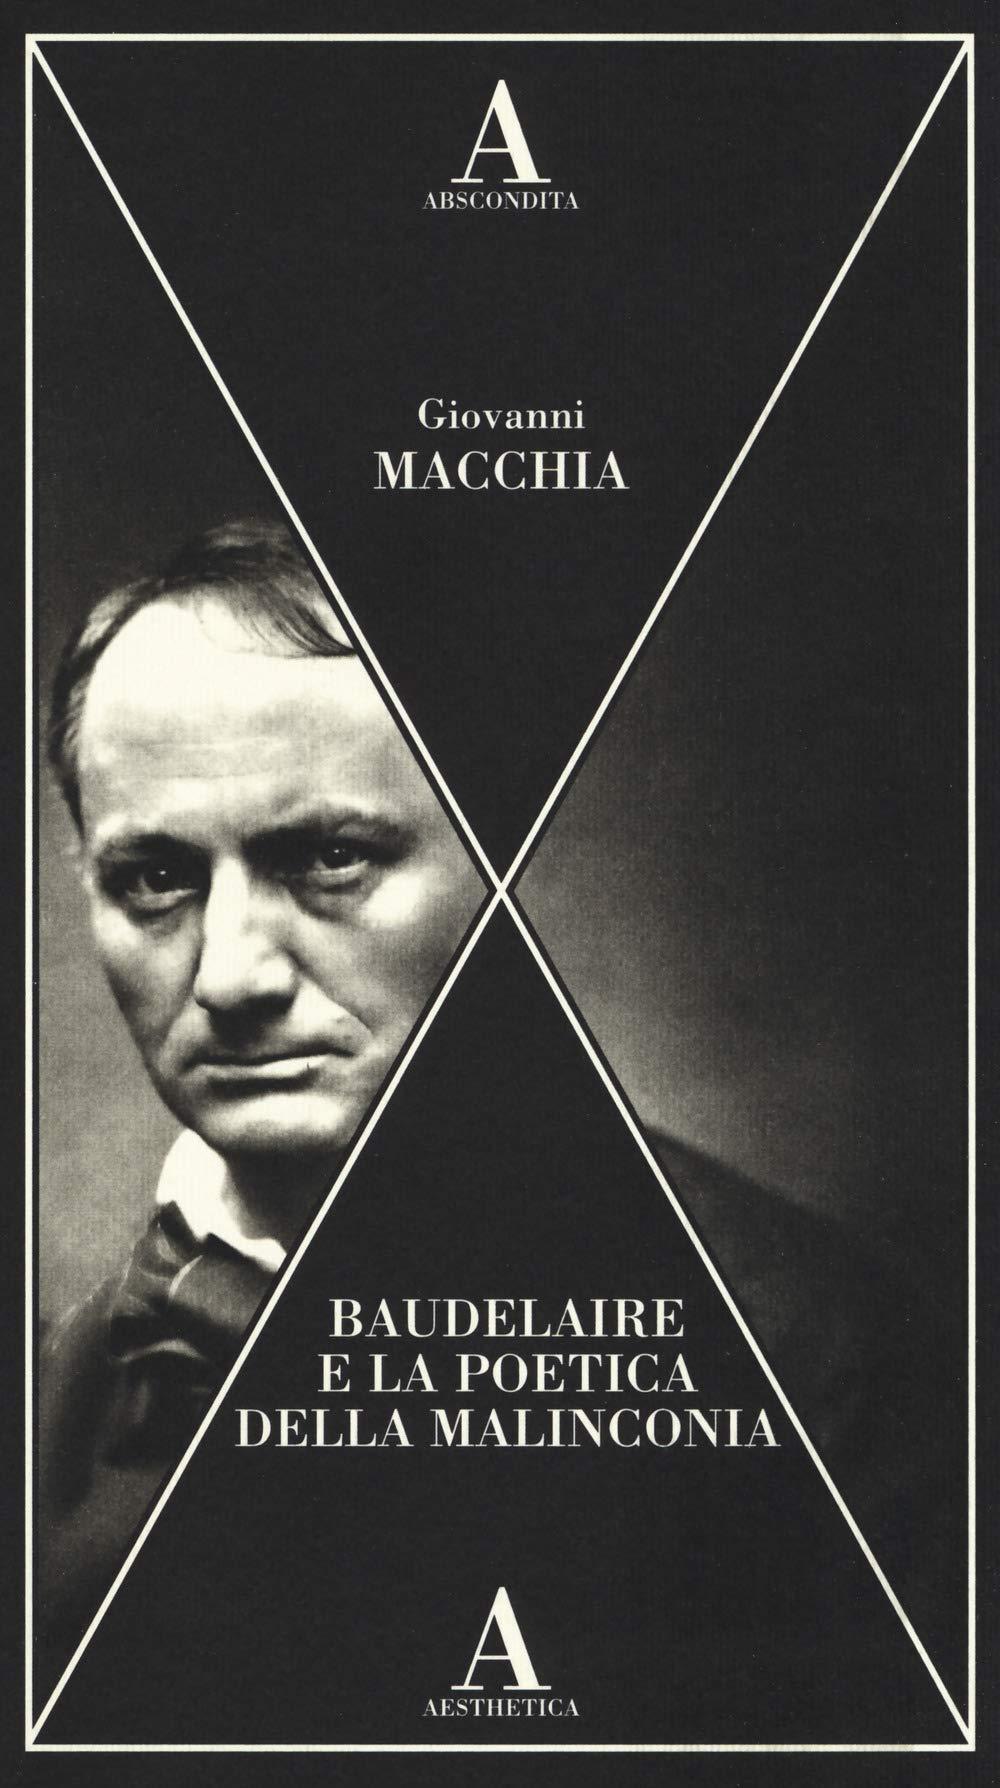 Baudelaire e la poetica della malinconia